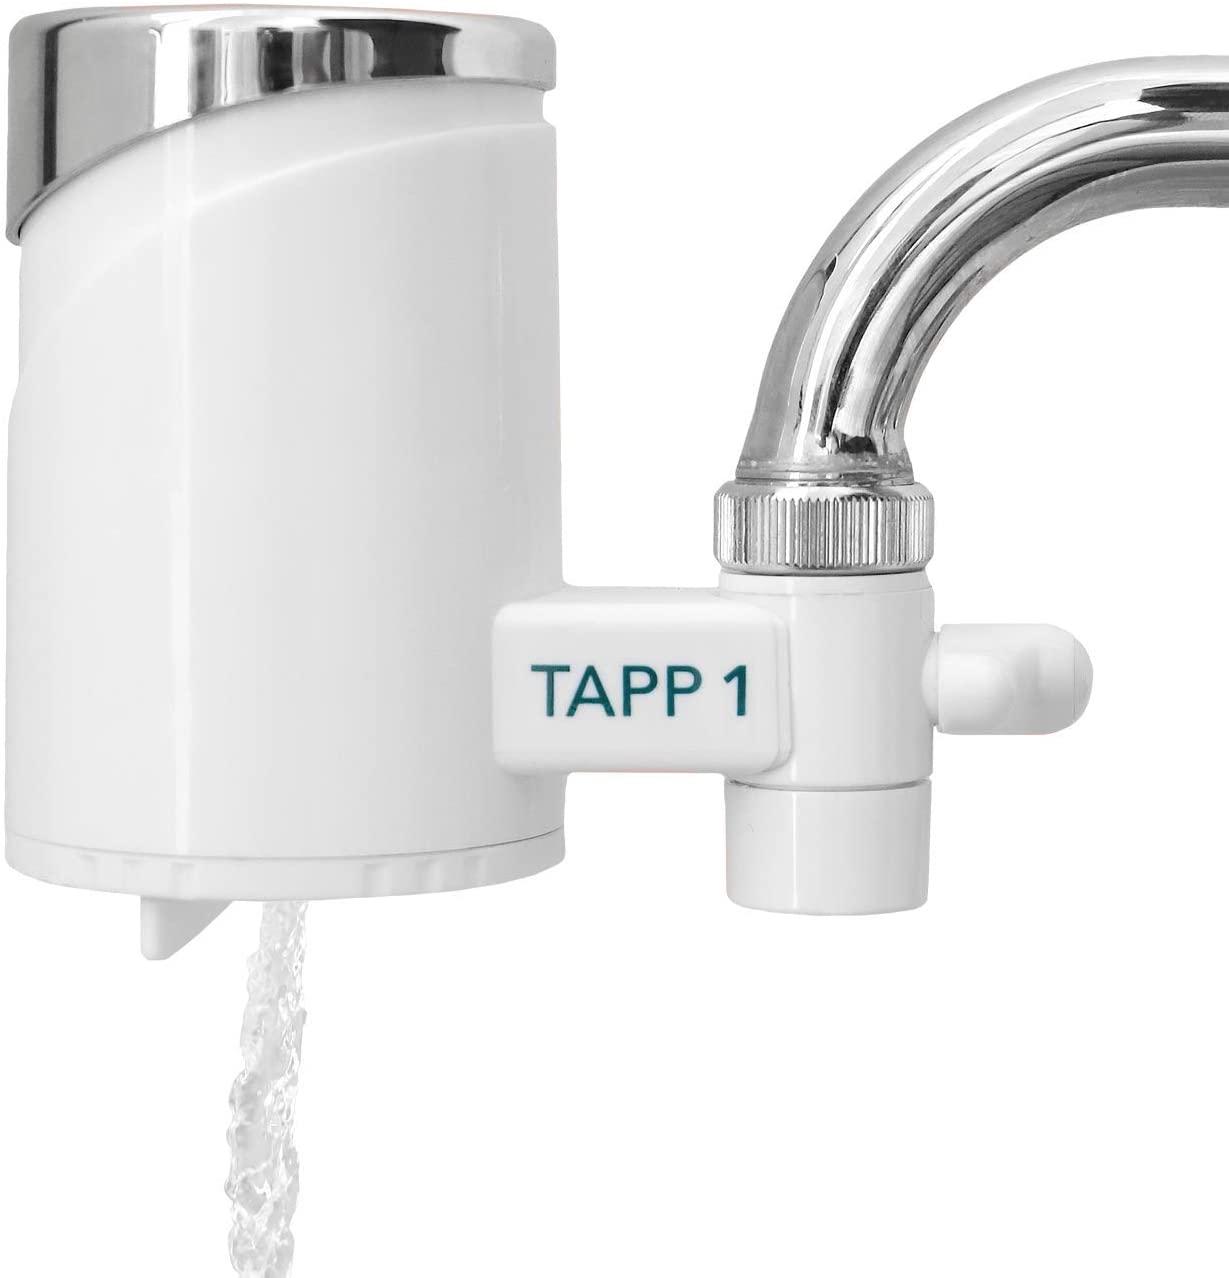 filtro-purificador-de-agua-para-el-grifo-tapp-water-tapp-1.jpg